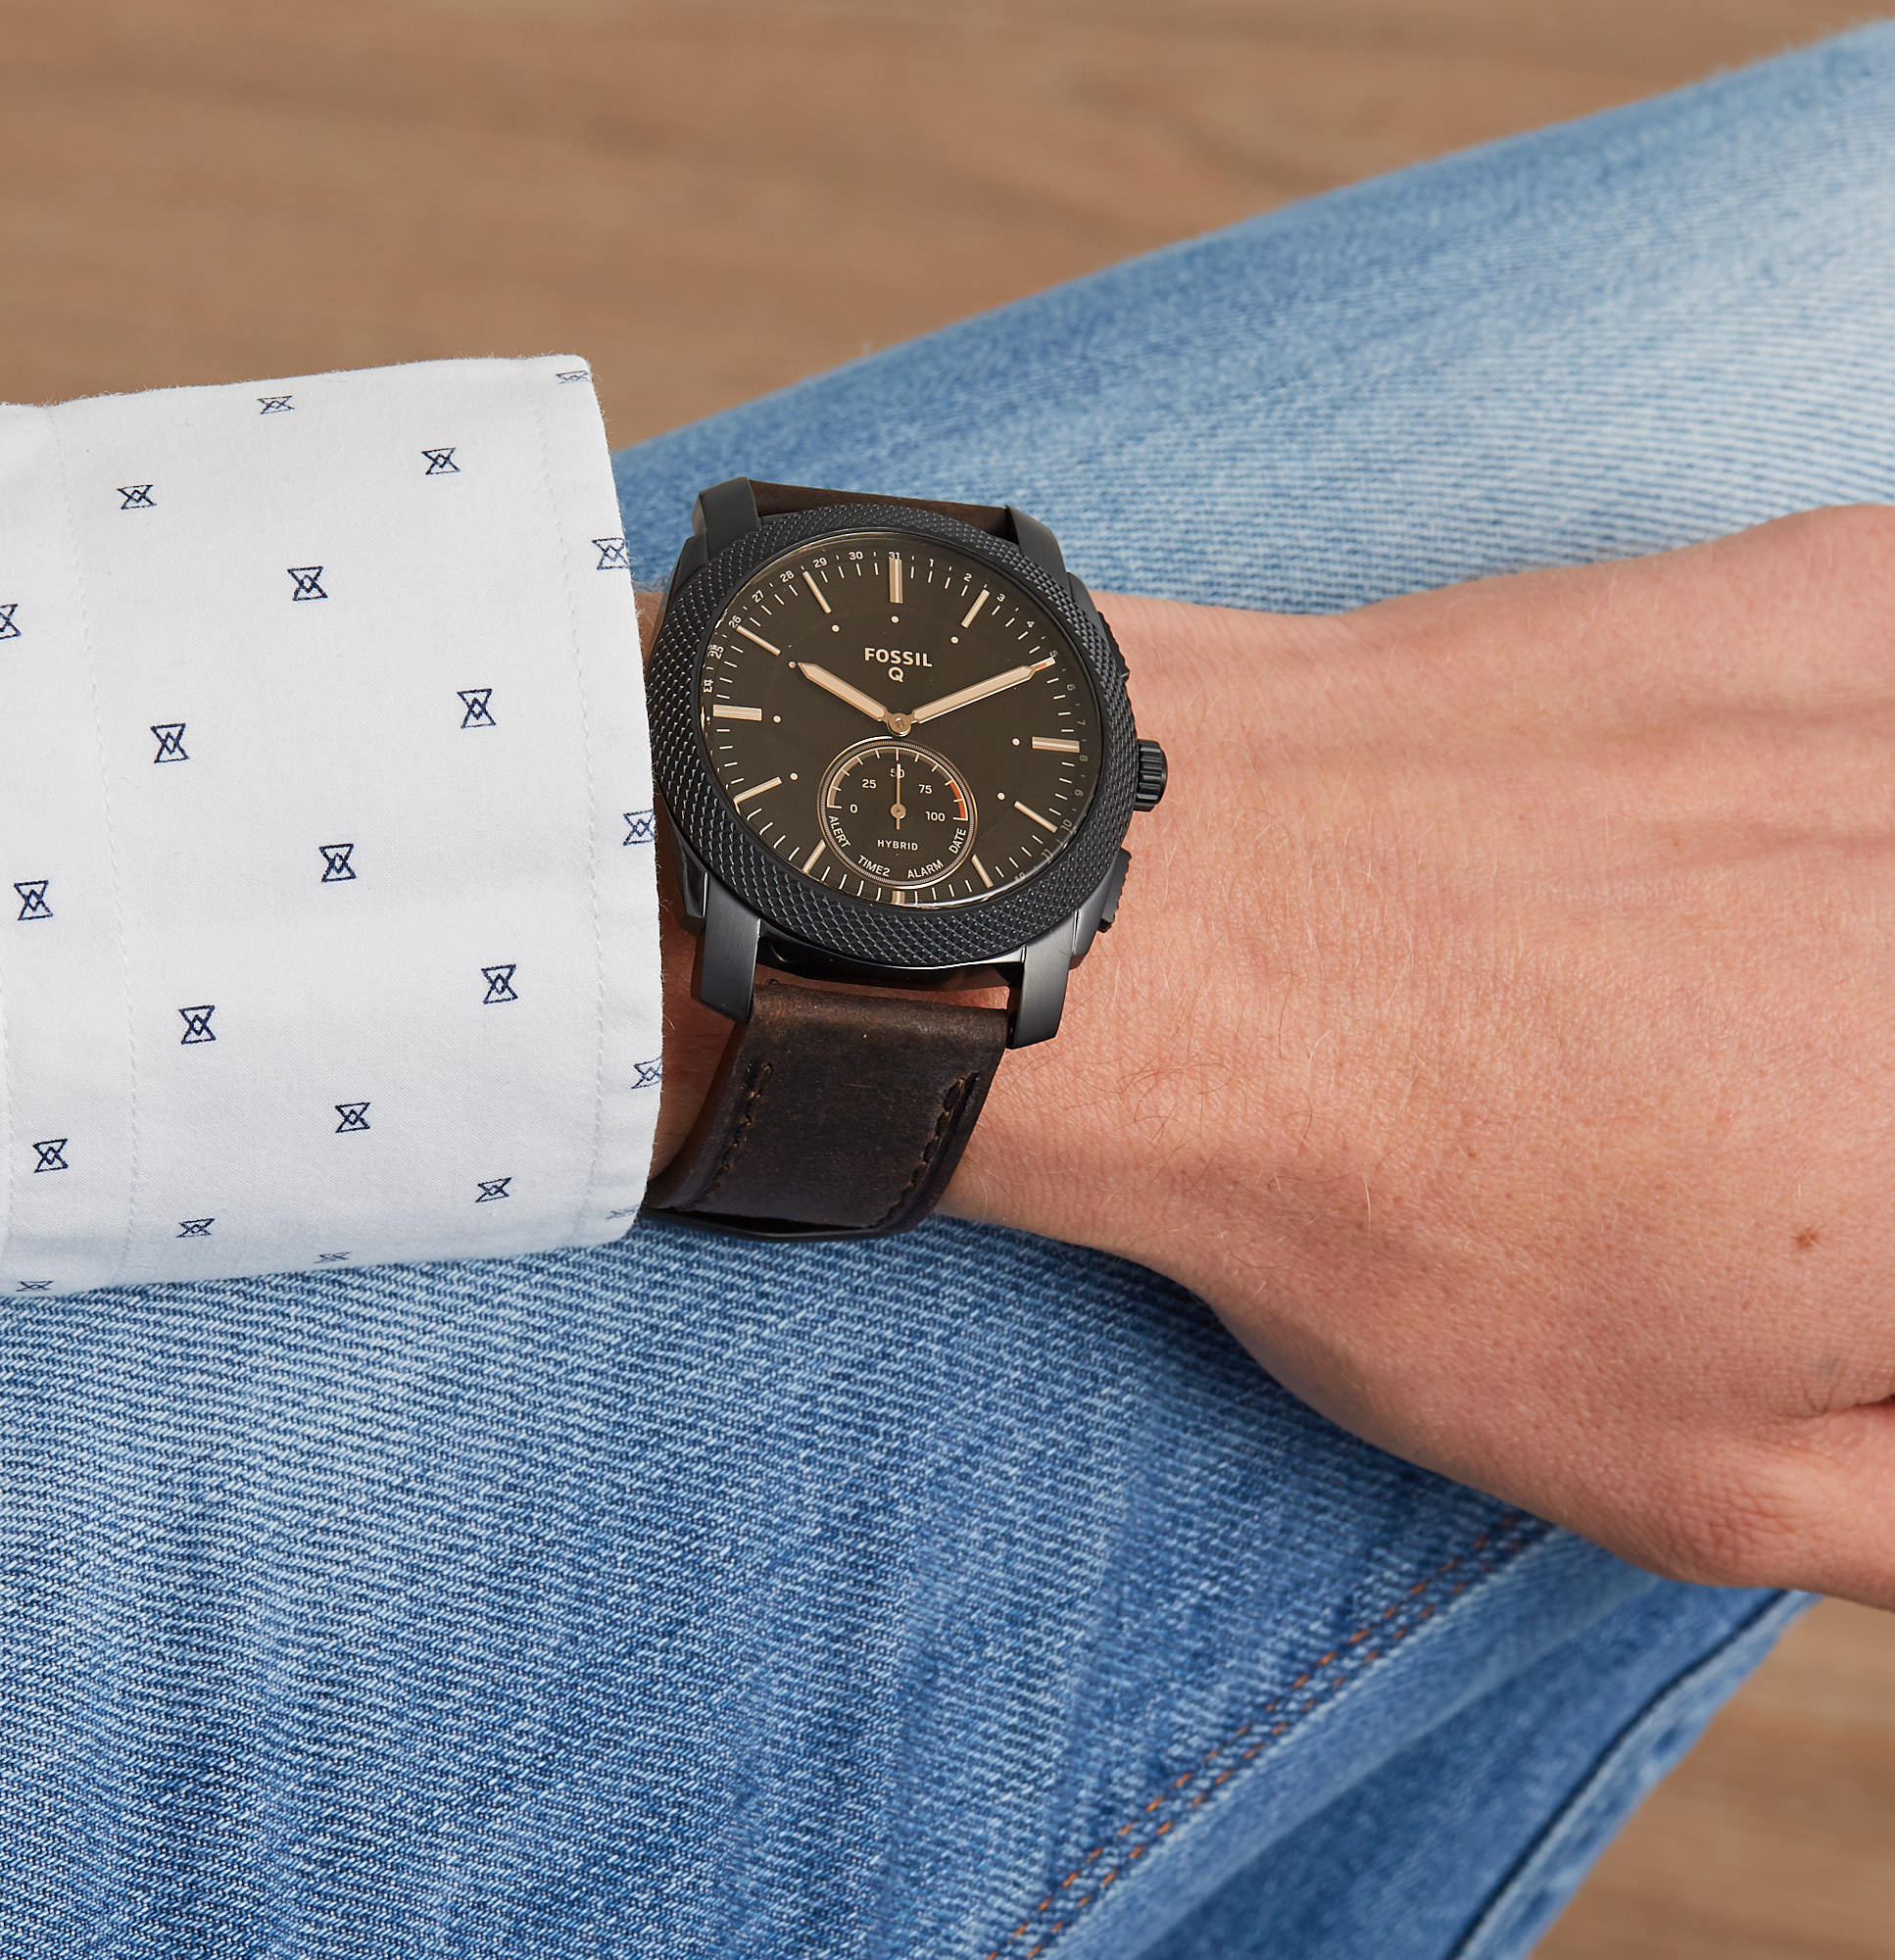 Fossil Q Machine Hybrid Smartwatch FTW1163